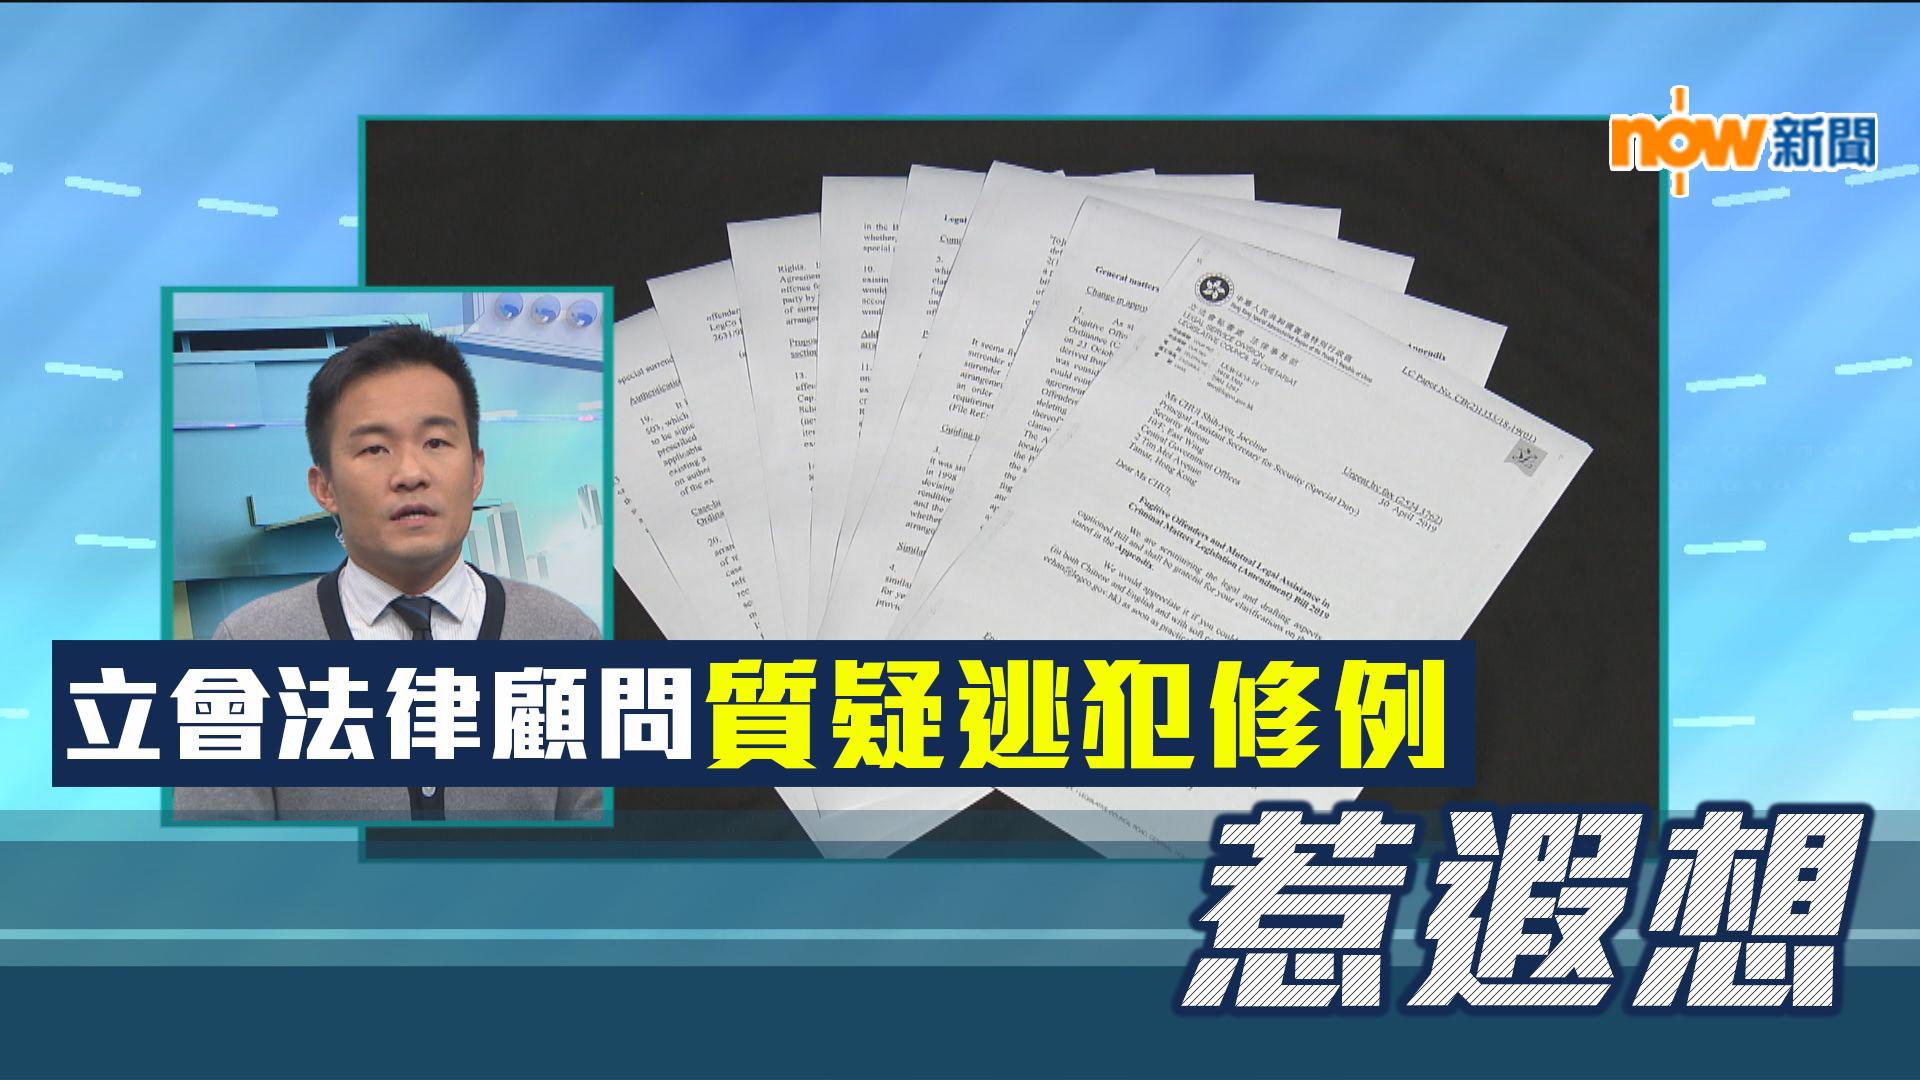 【政情】立會法律顧問質疑逃犯修例惹遐想